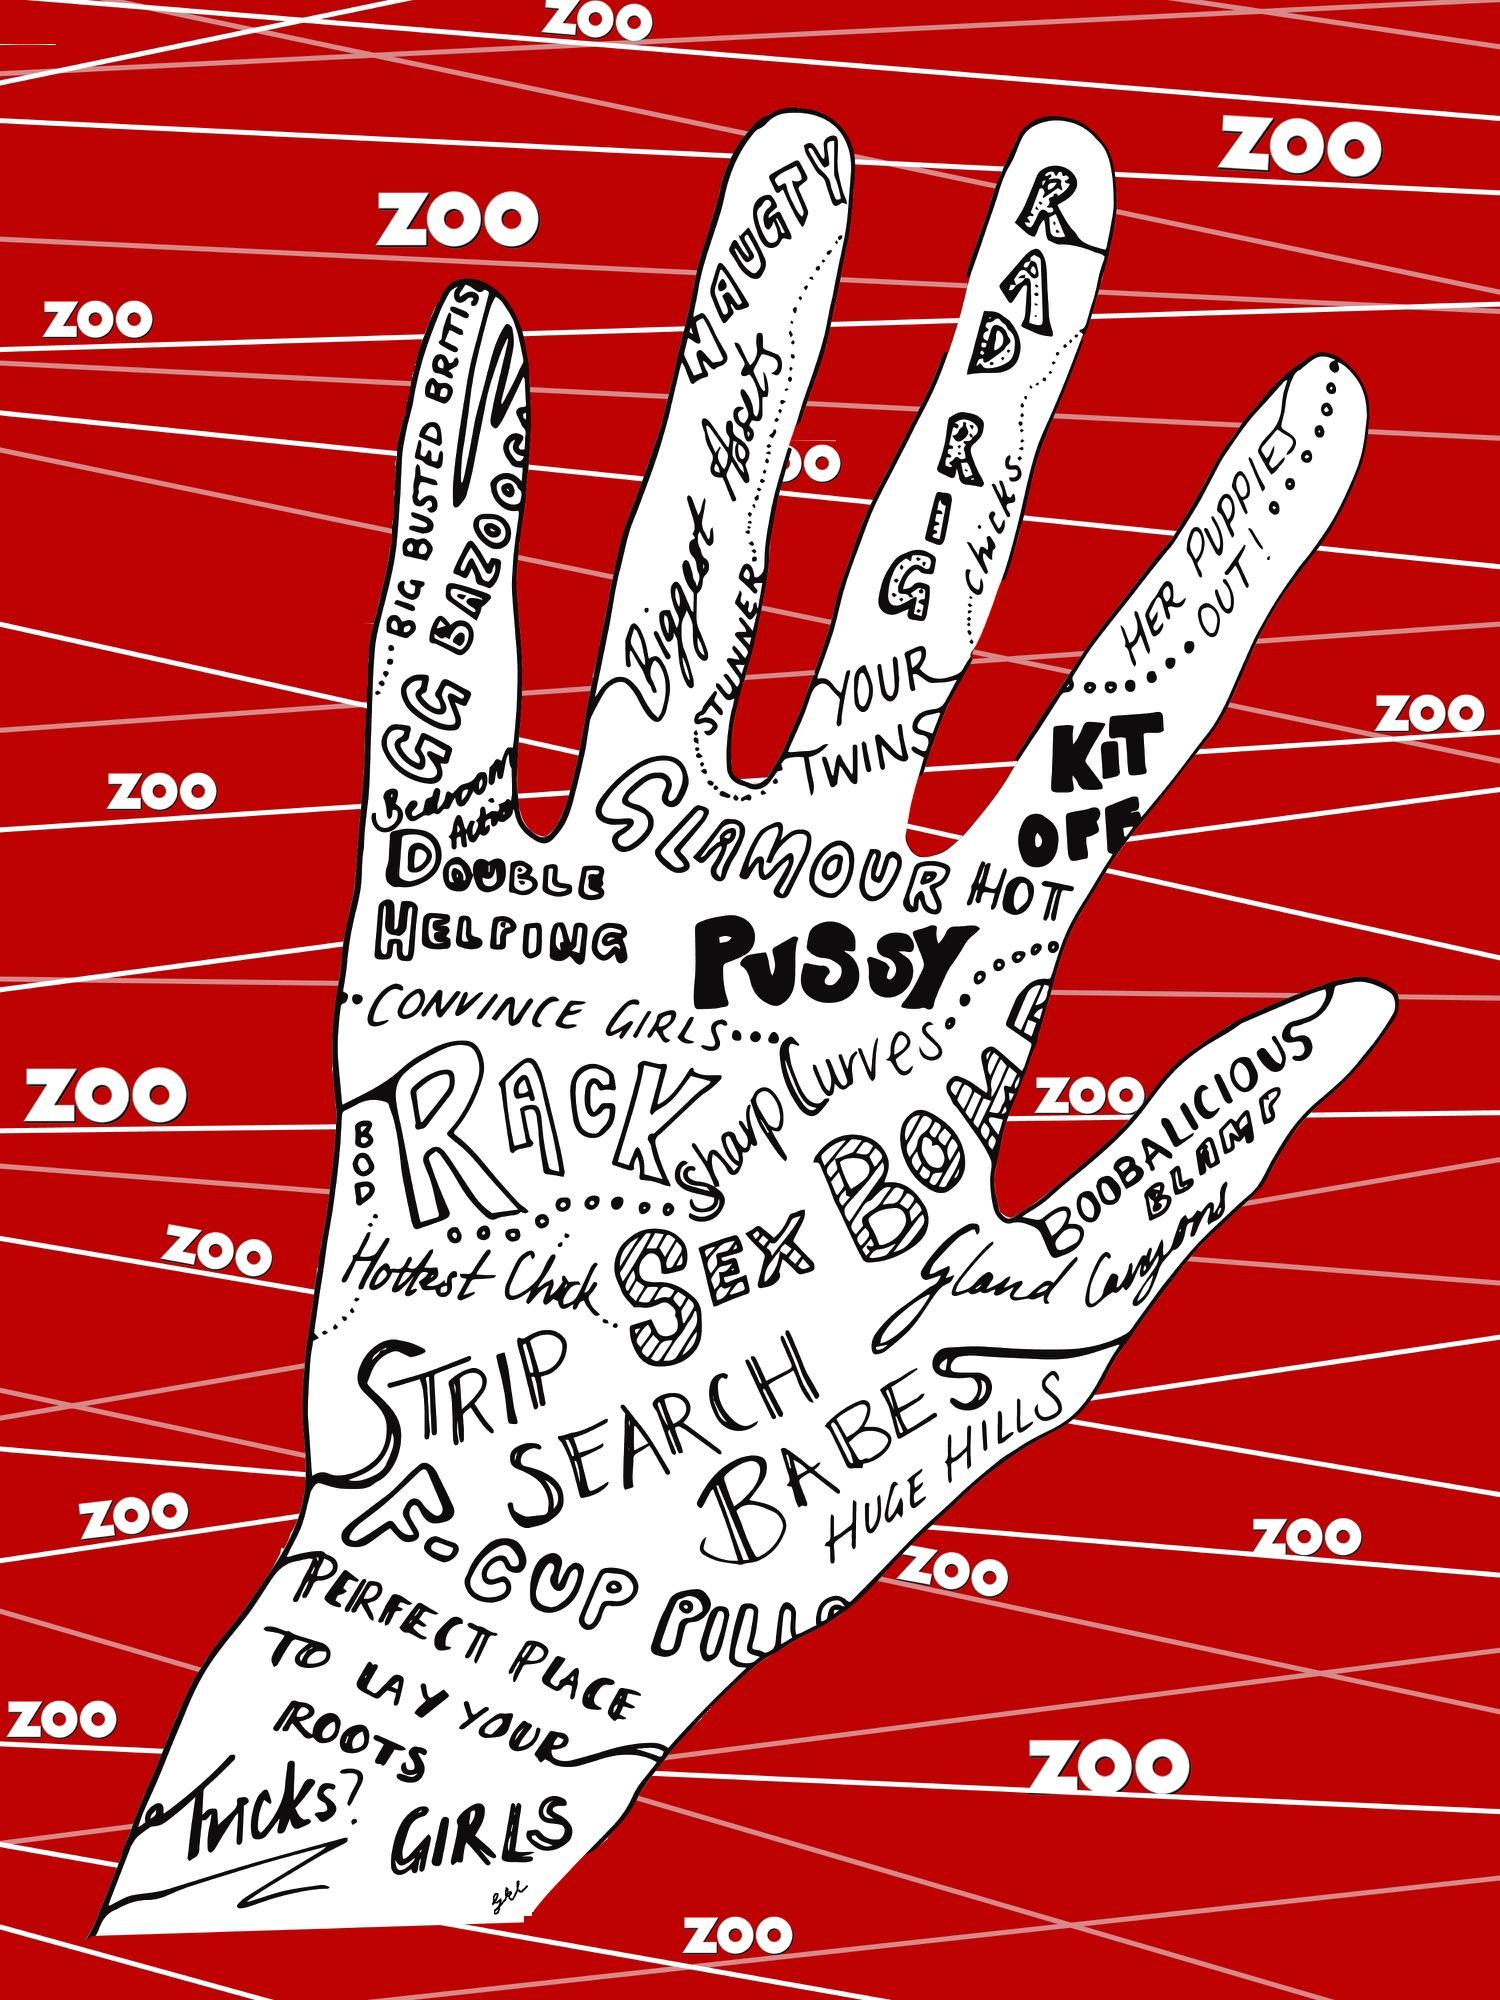 zoos_red_SLASH.jpg